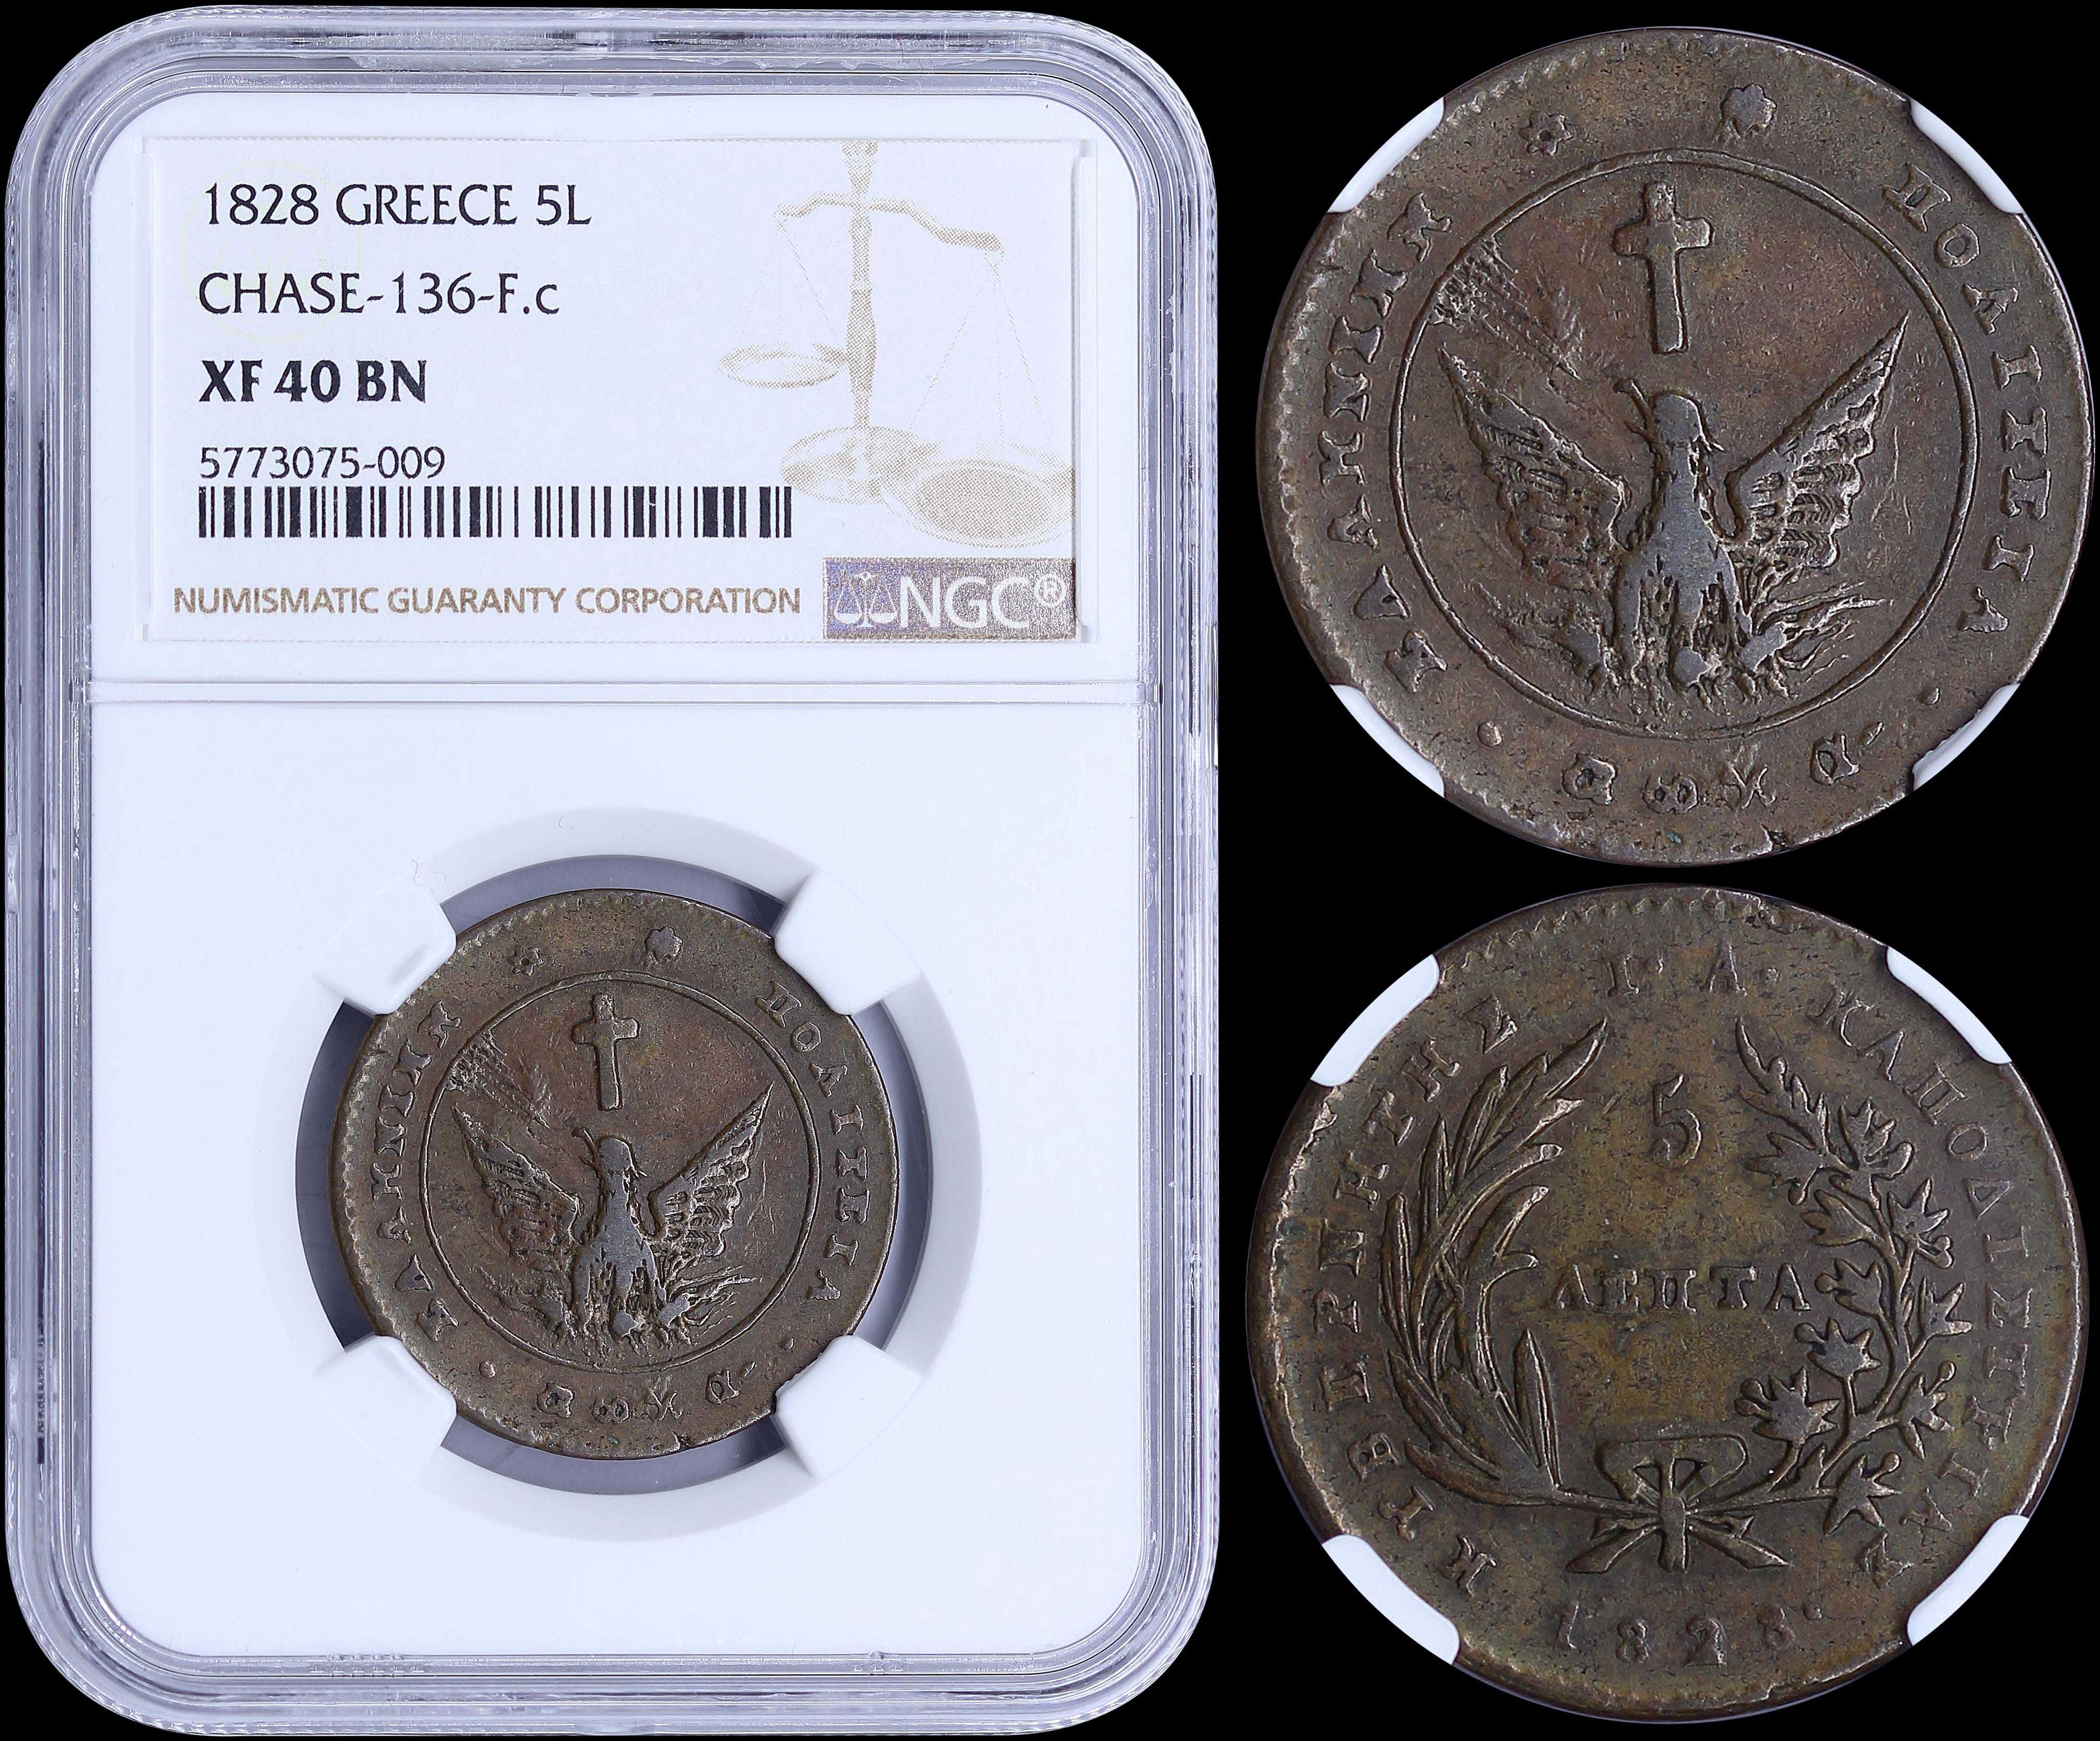 Lot 6008 - -  COINS & TOKENS governor capodistrias -  A. Karamitsos Public Auction 655